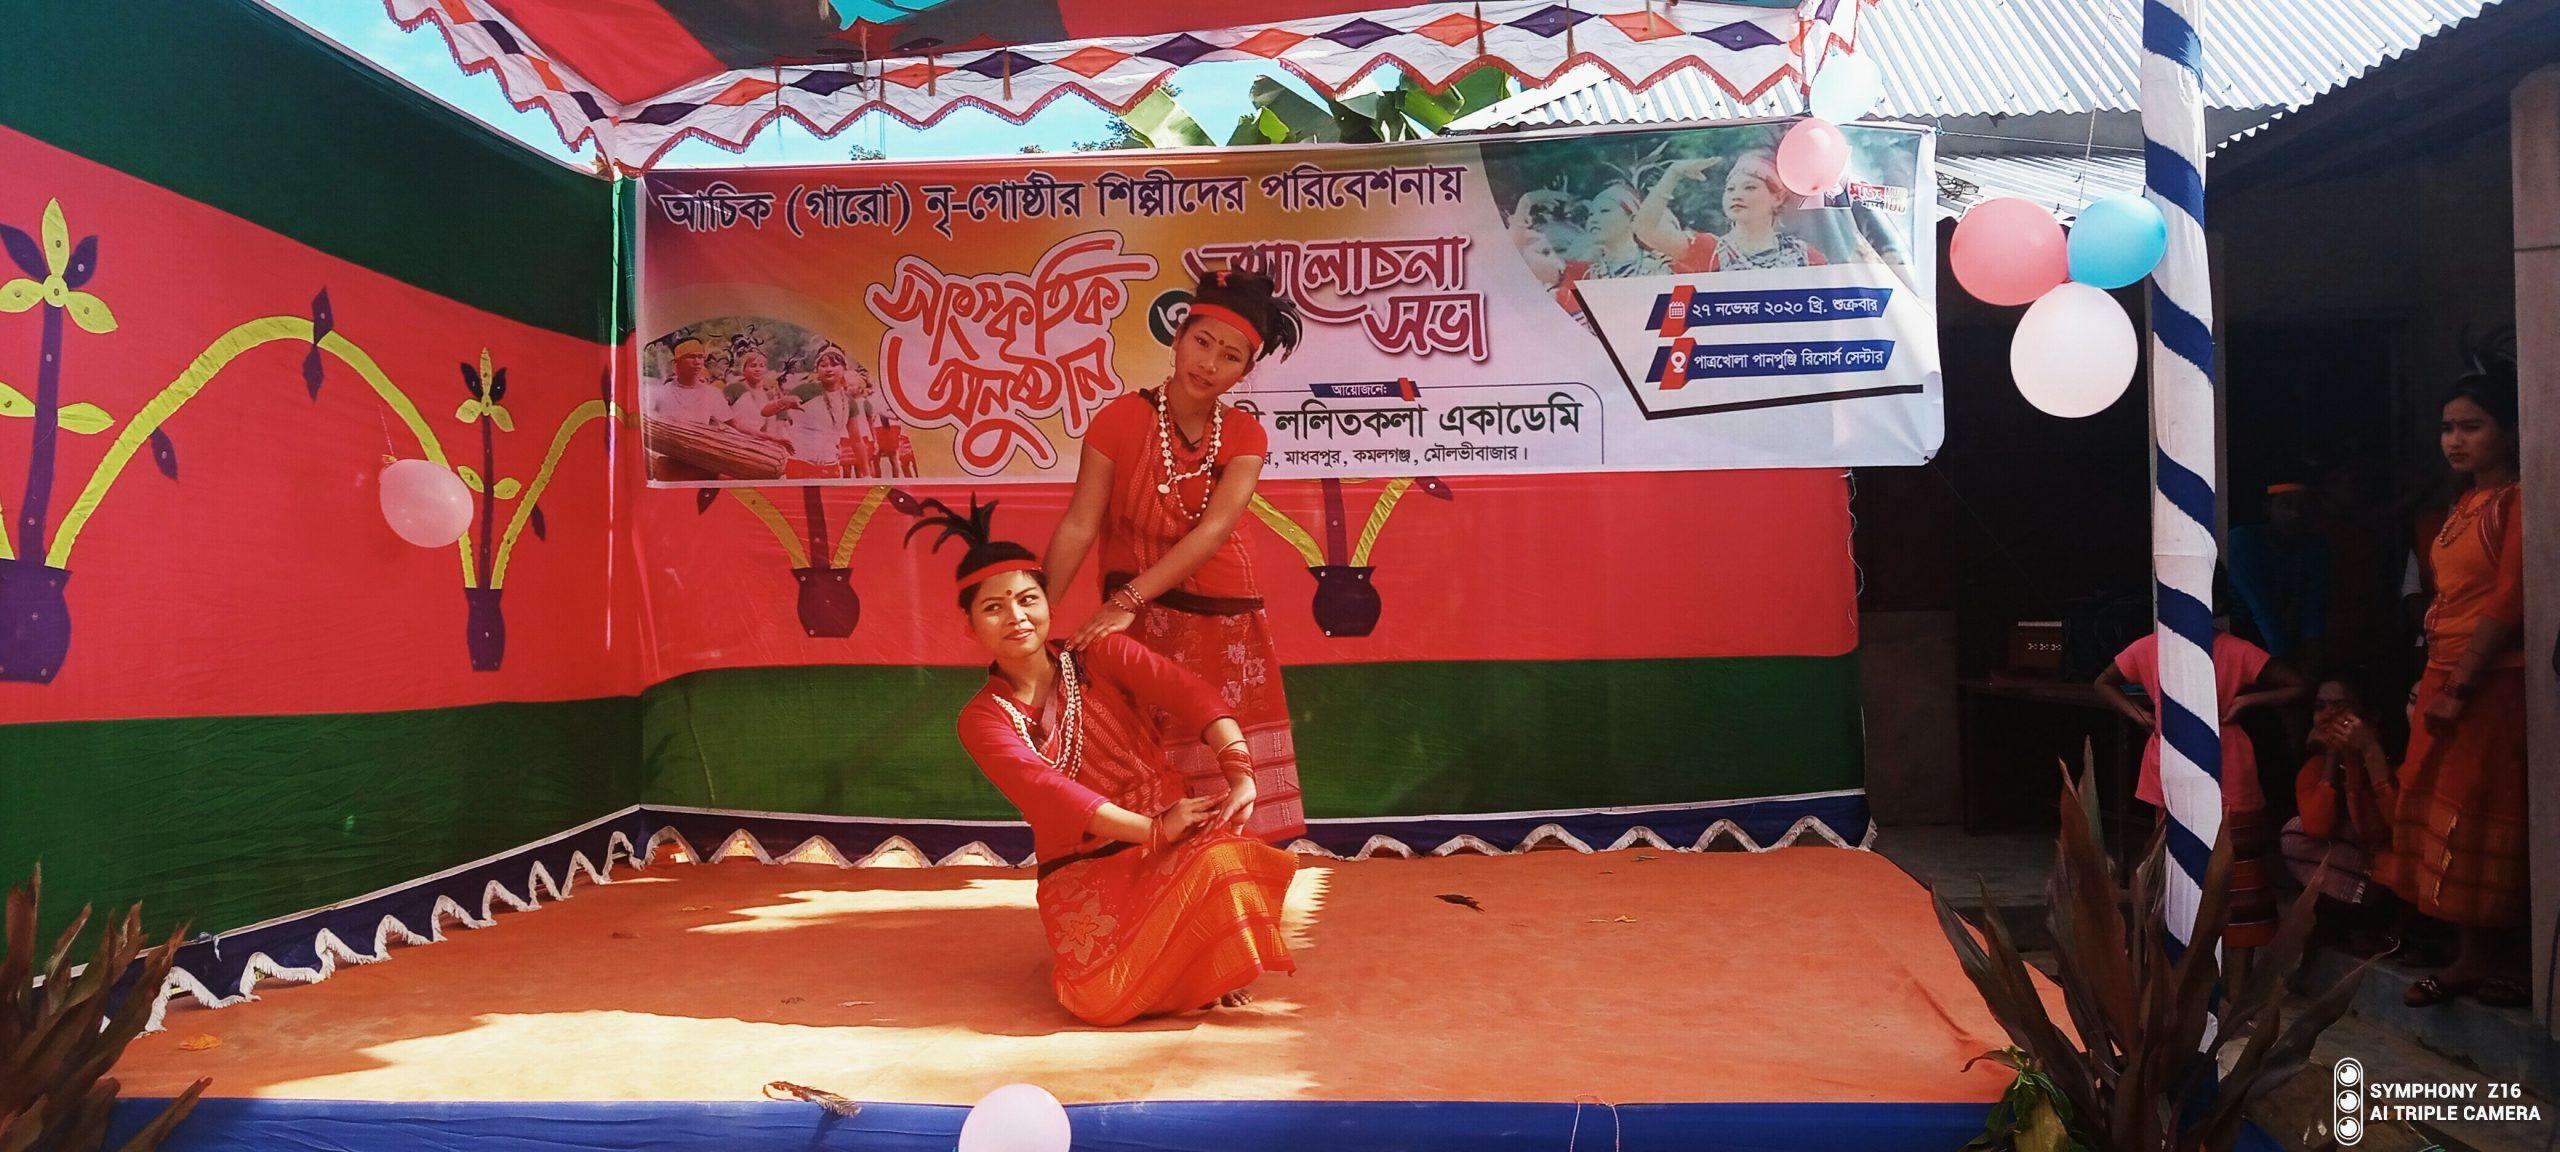 কমলগঞ্জে পাত্রকলা পুঞ্জি রিসোর্ট সেন্টারে পরিবেশিত হল আচিক (গারো) নৃ-গোষ্ঠী সম্প্রদায়ের সংস্কৃতি নৃত্য